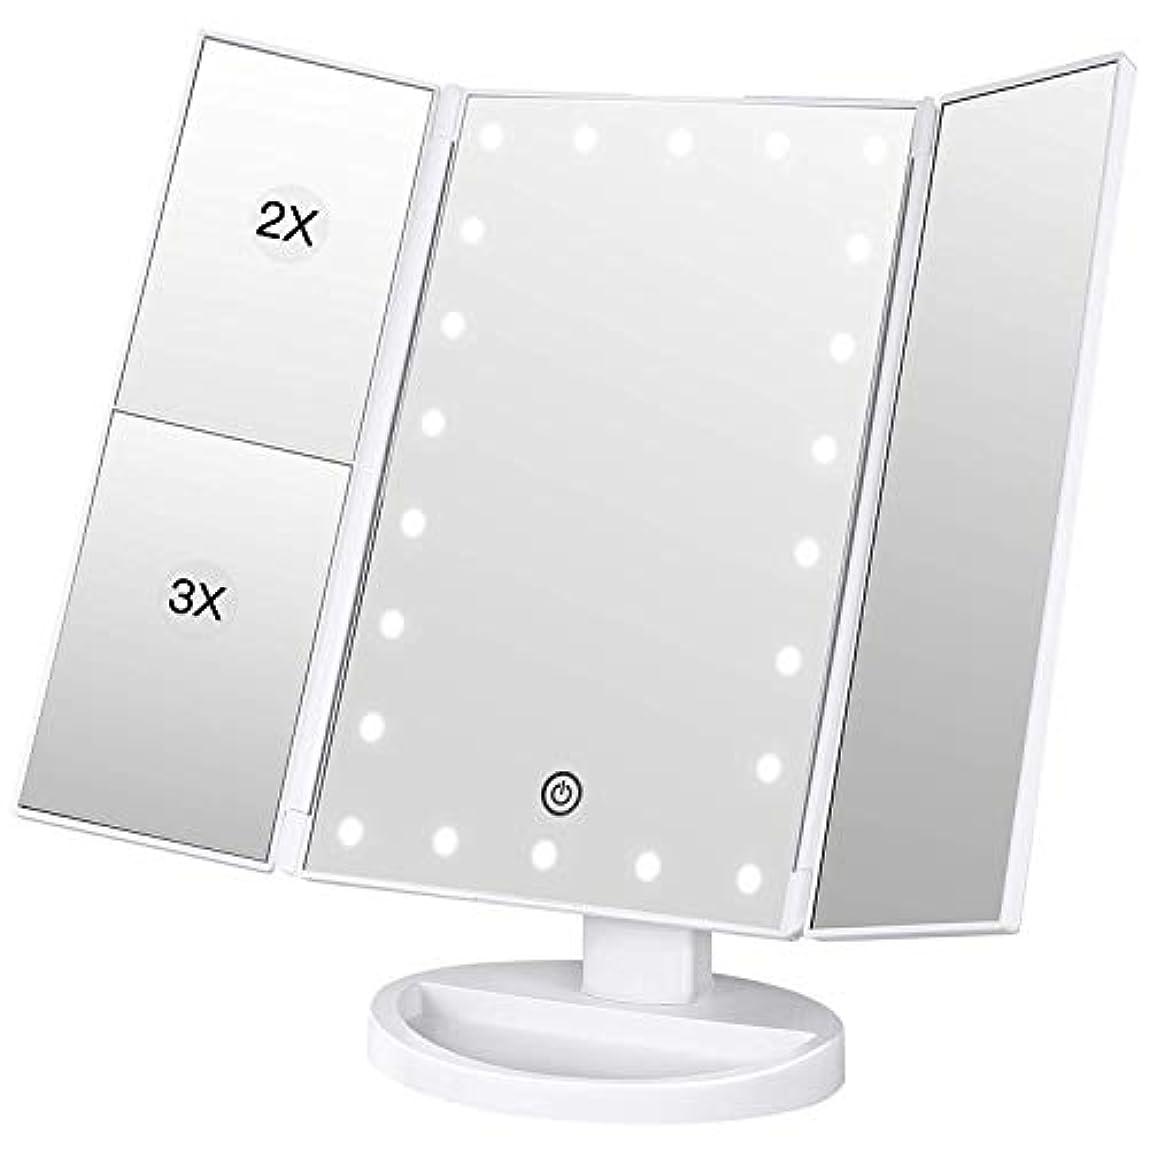 生の慈悲でベーコン収納ベース付き三面鏡 -化粧鏡 led付き 卓上鏡 折りたたみ 拡大鏡 2倍 3倍 明るさ調節可能 180°回転 電池&USB 2WAY給電 (ホワイト)